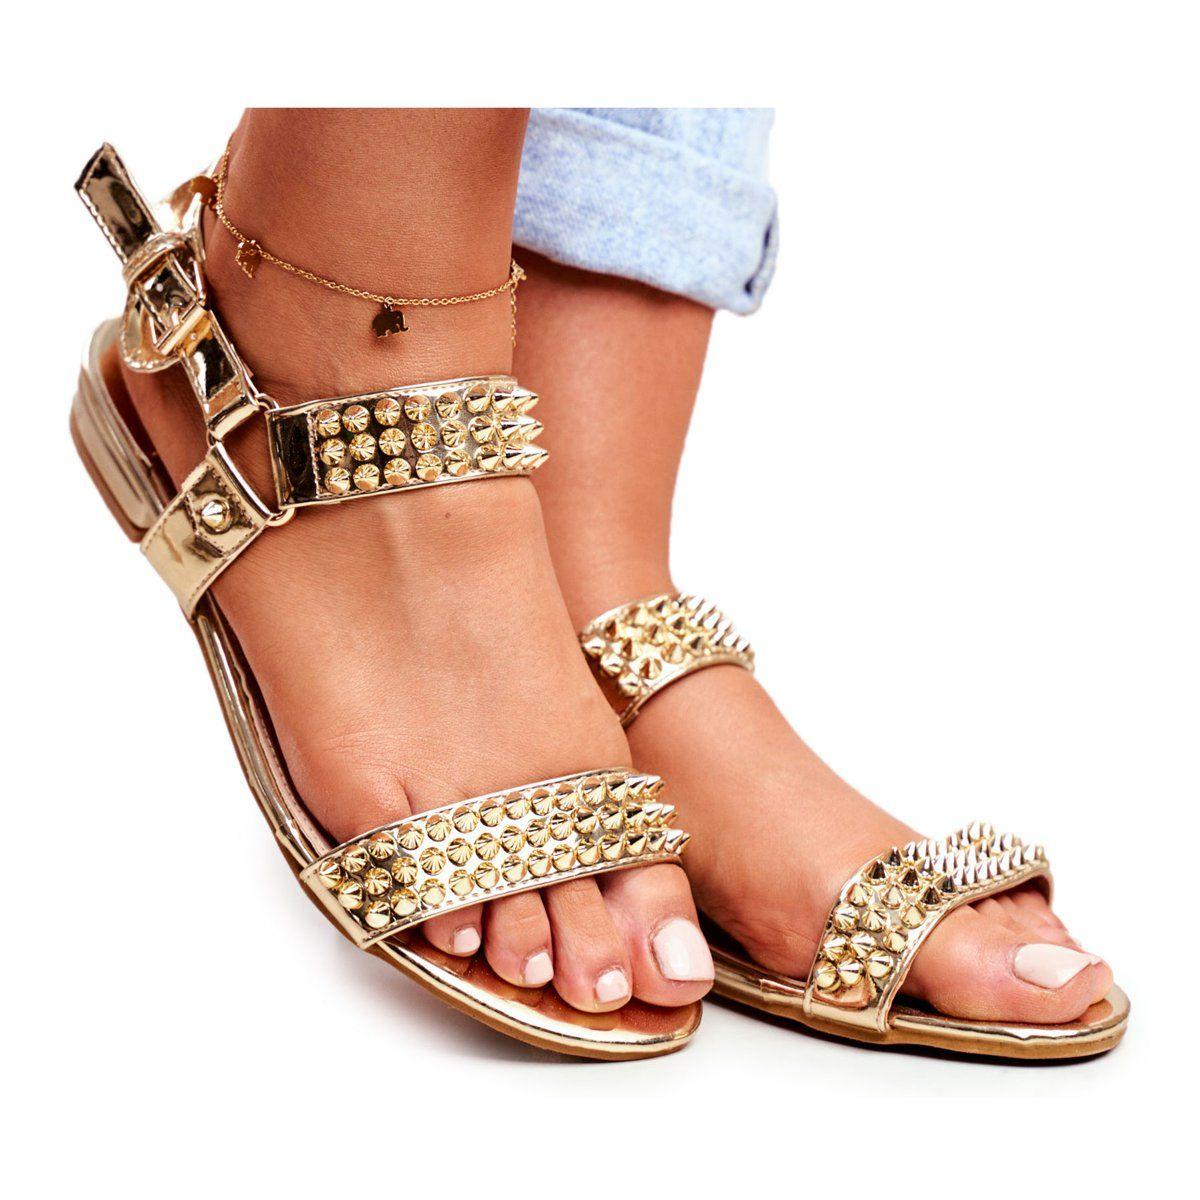 Zlote Damskie Plaskie Sandalki Lu Boo Z Cwiekami Aldona Zloty Shoes Sandals Fashion